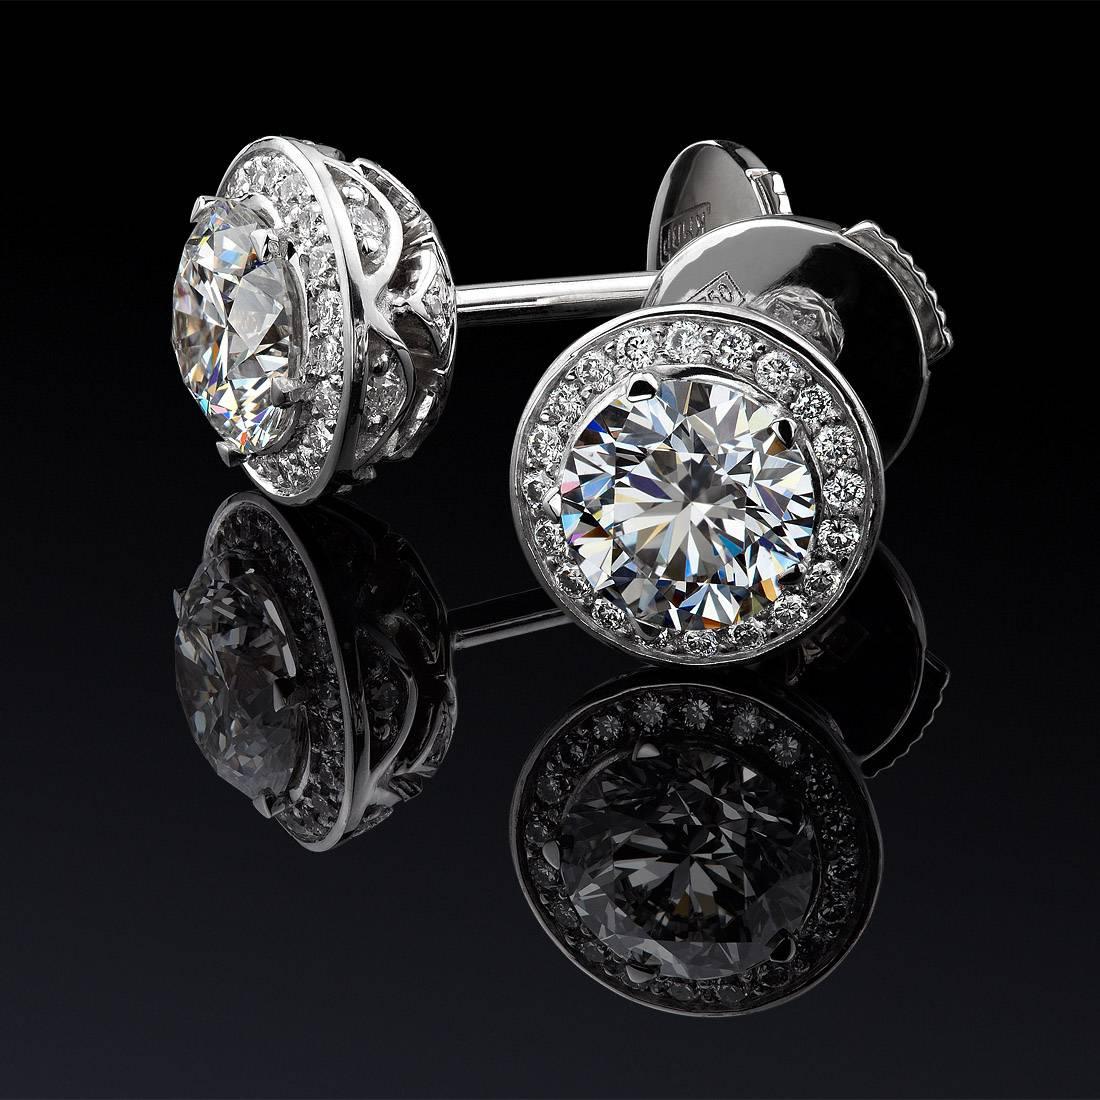 Скупка золотых украшений с бриллиантами в Москве дорого 53e7aa60ebc